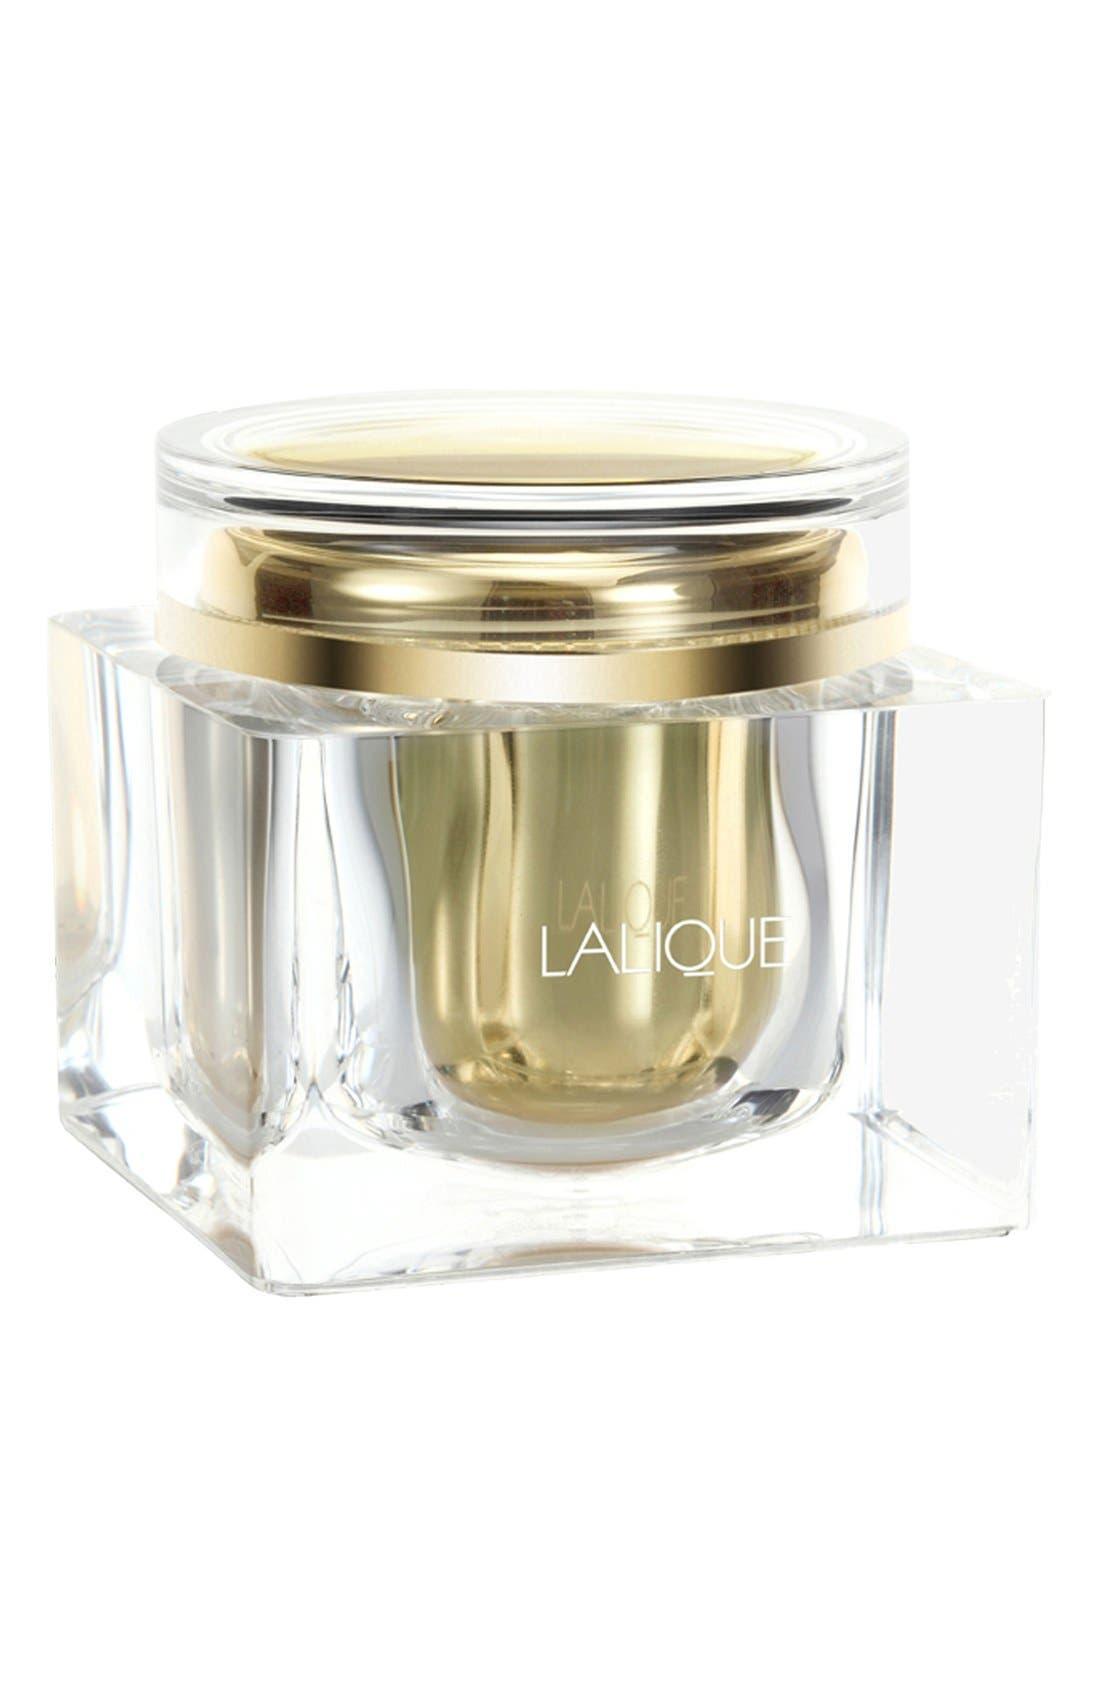 Lalique 'Lalique de Lalique' Body Crème